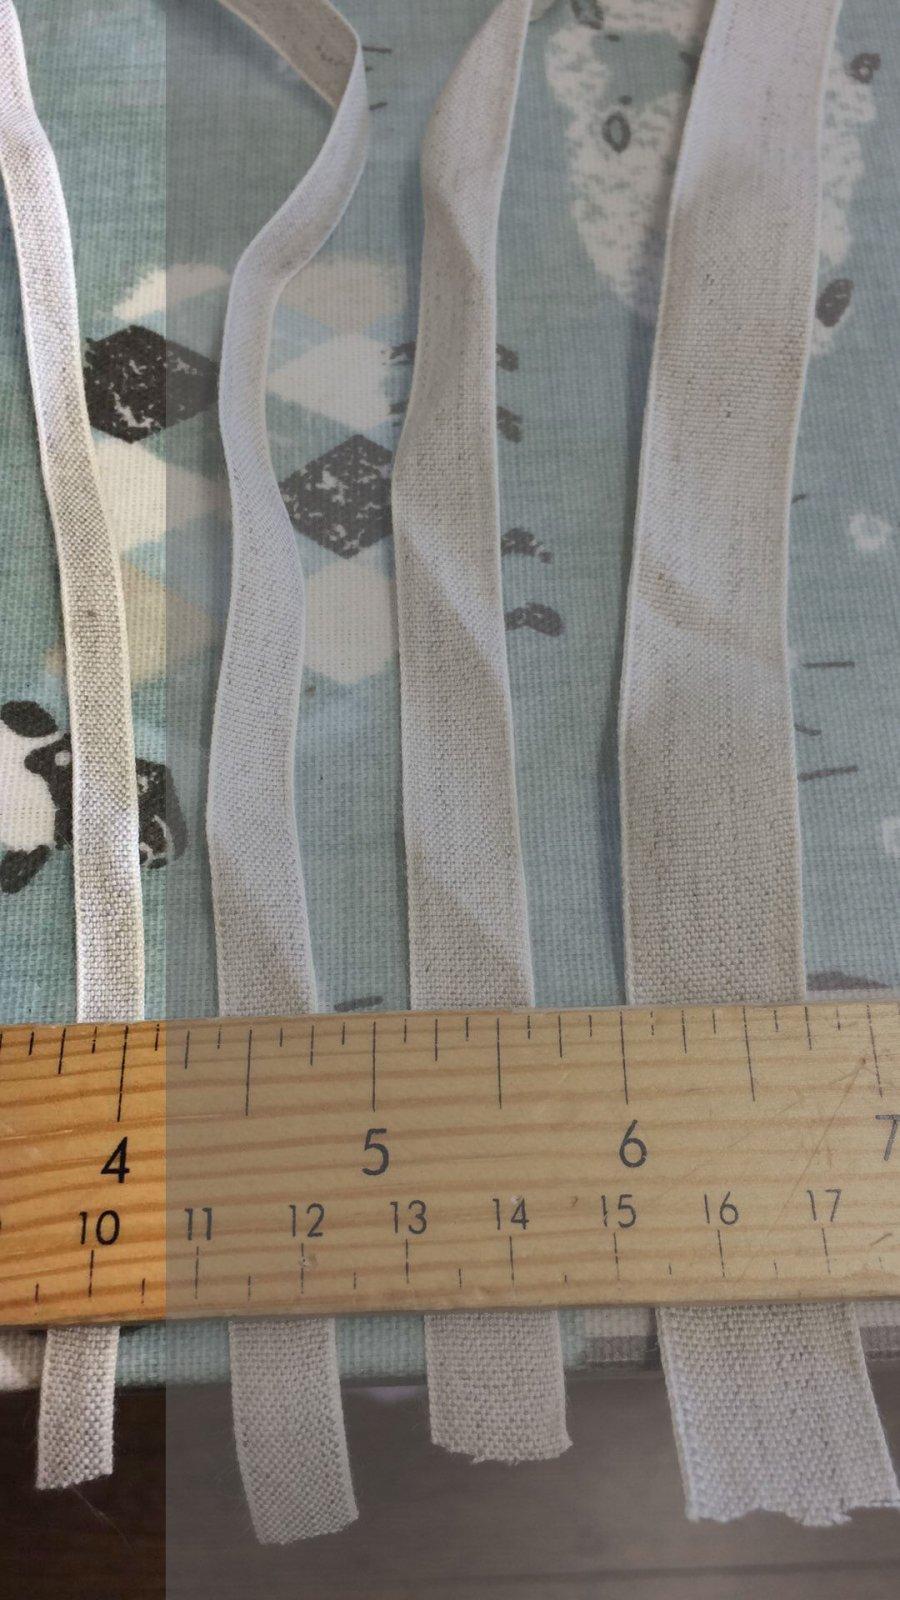 Linen 'Dutch' Sewing Tape